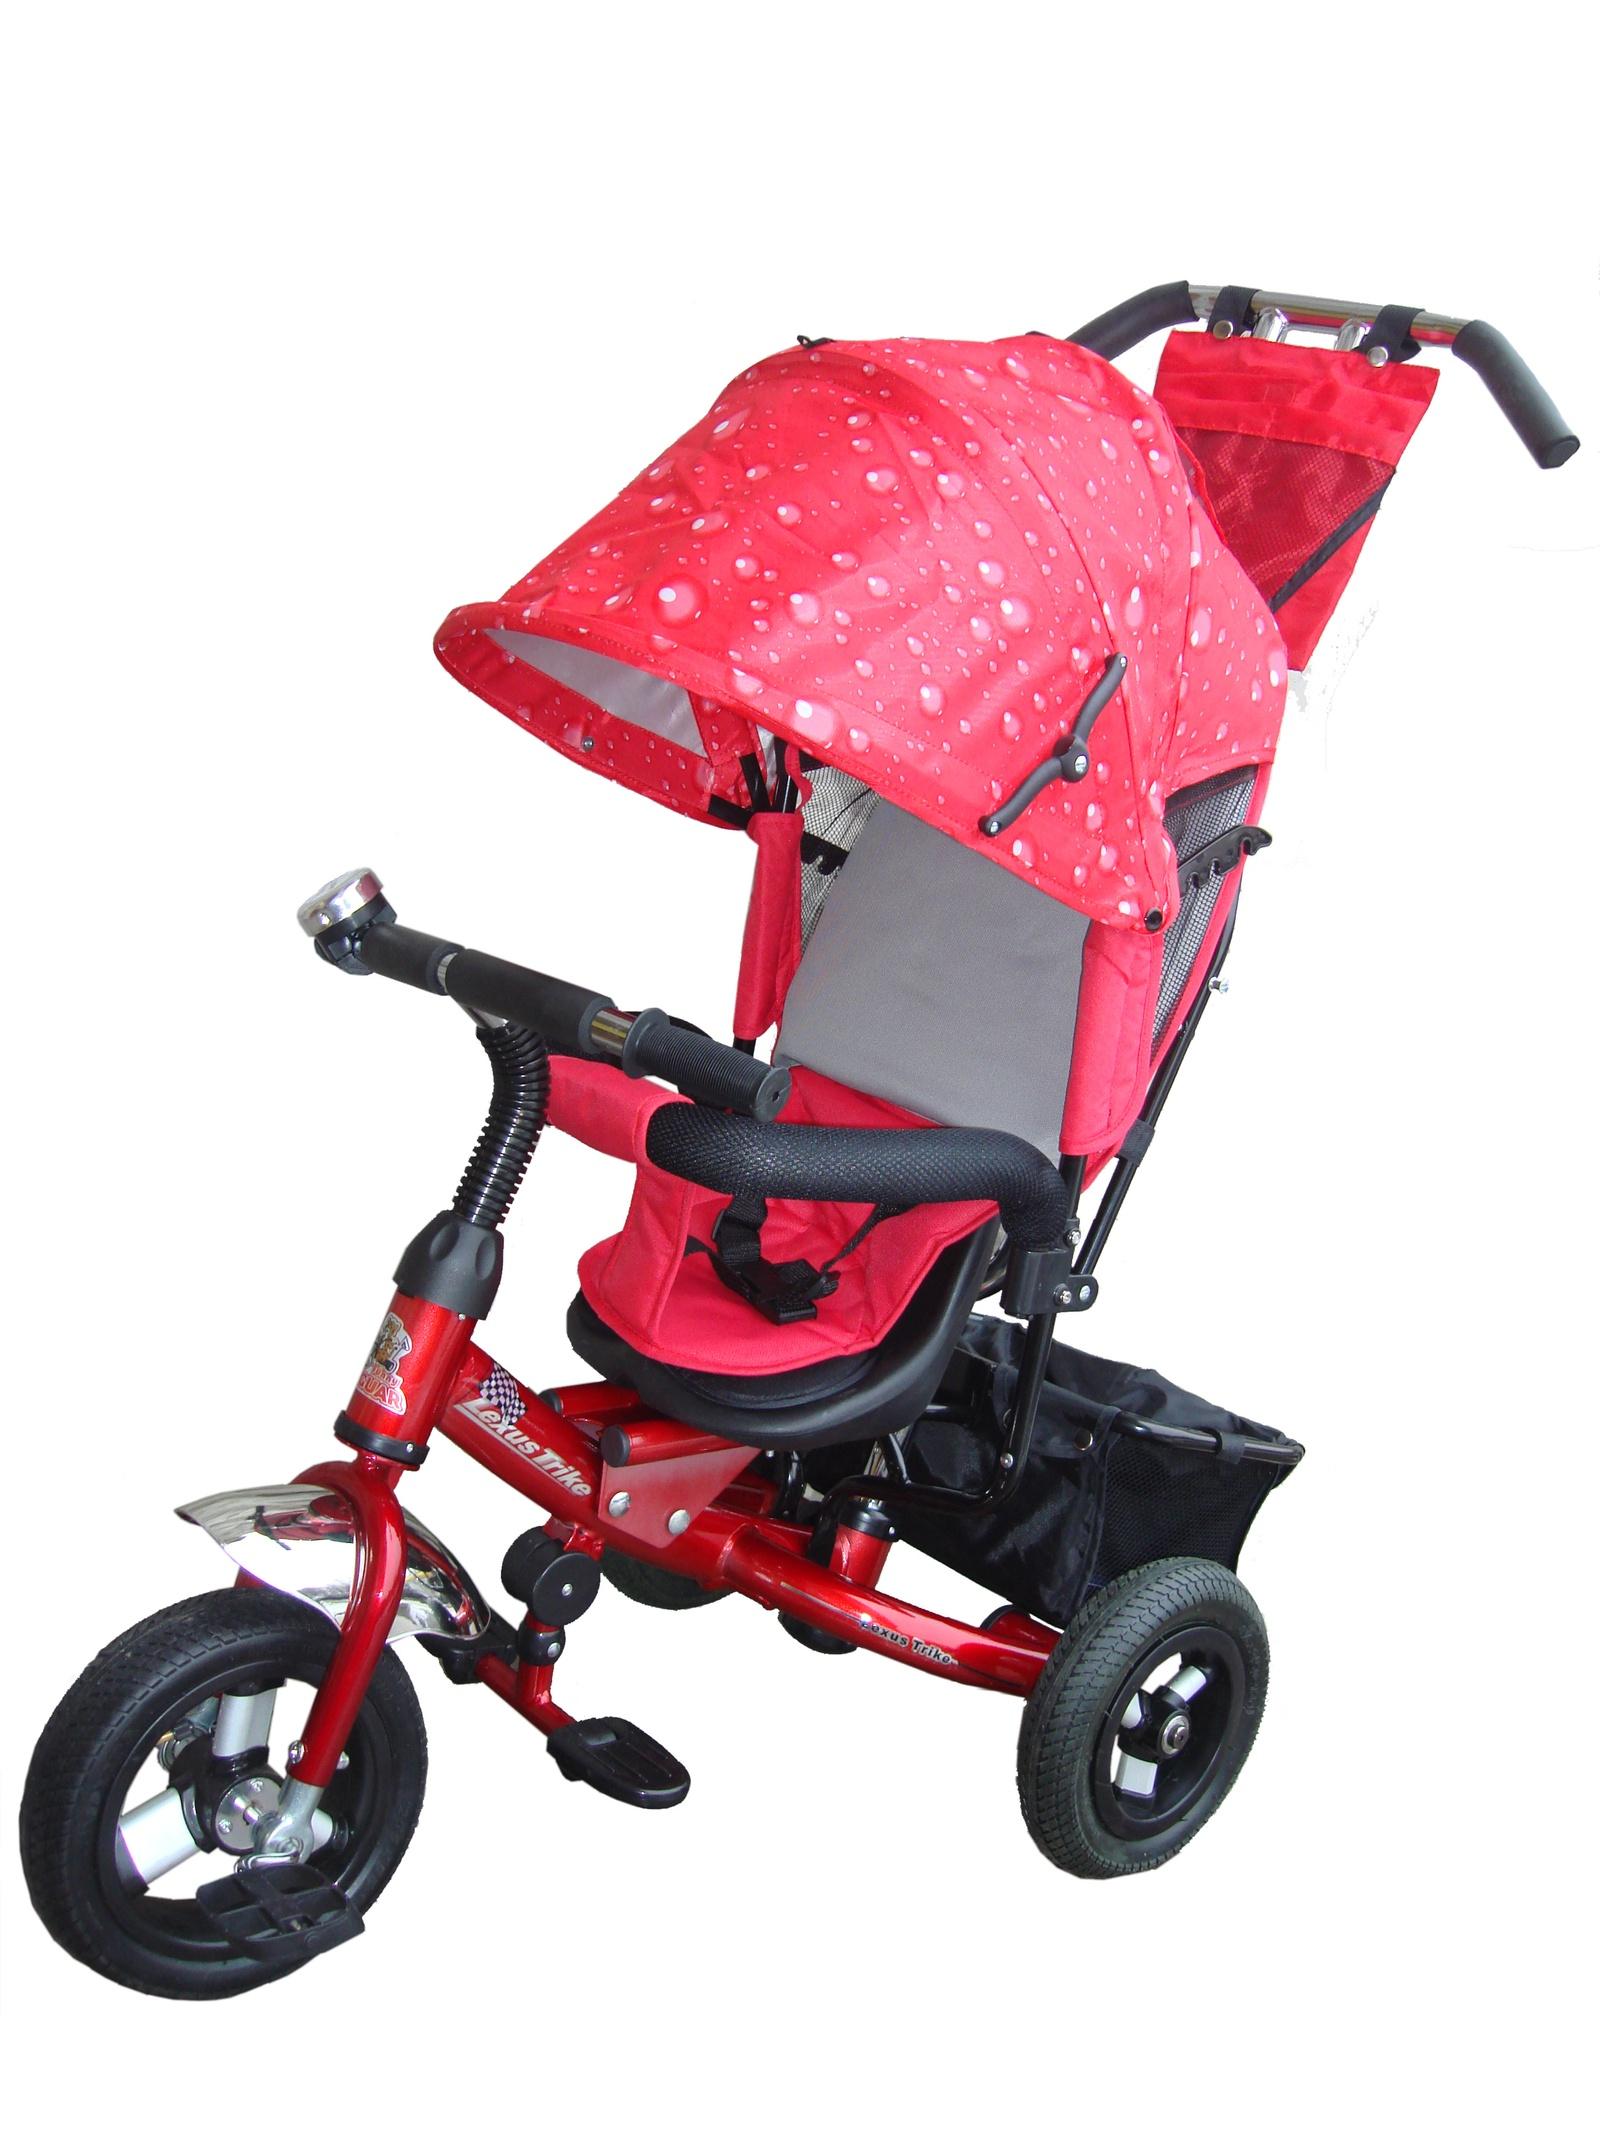 Велосипед Lexus Trike MS-0526, бордовый велосипед для ребенка 3 года